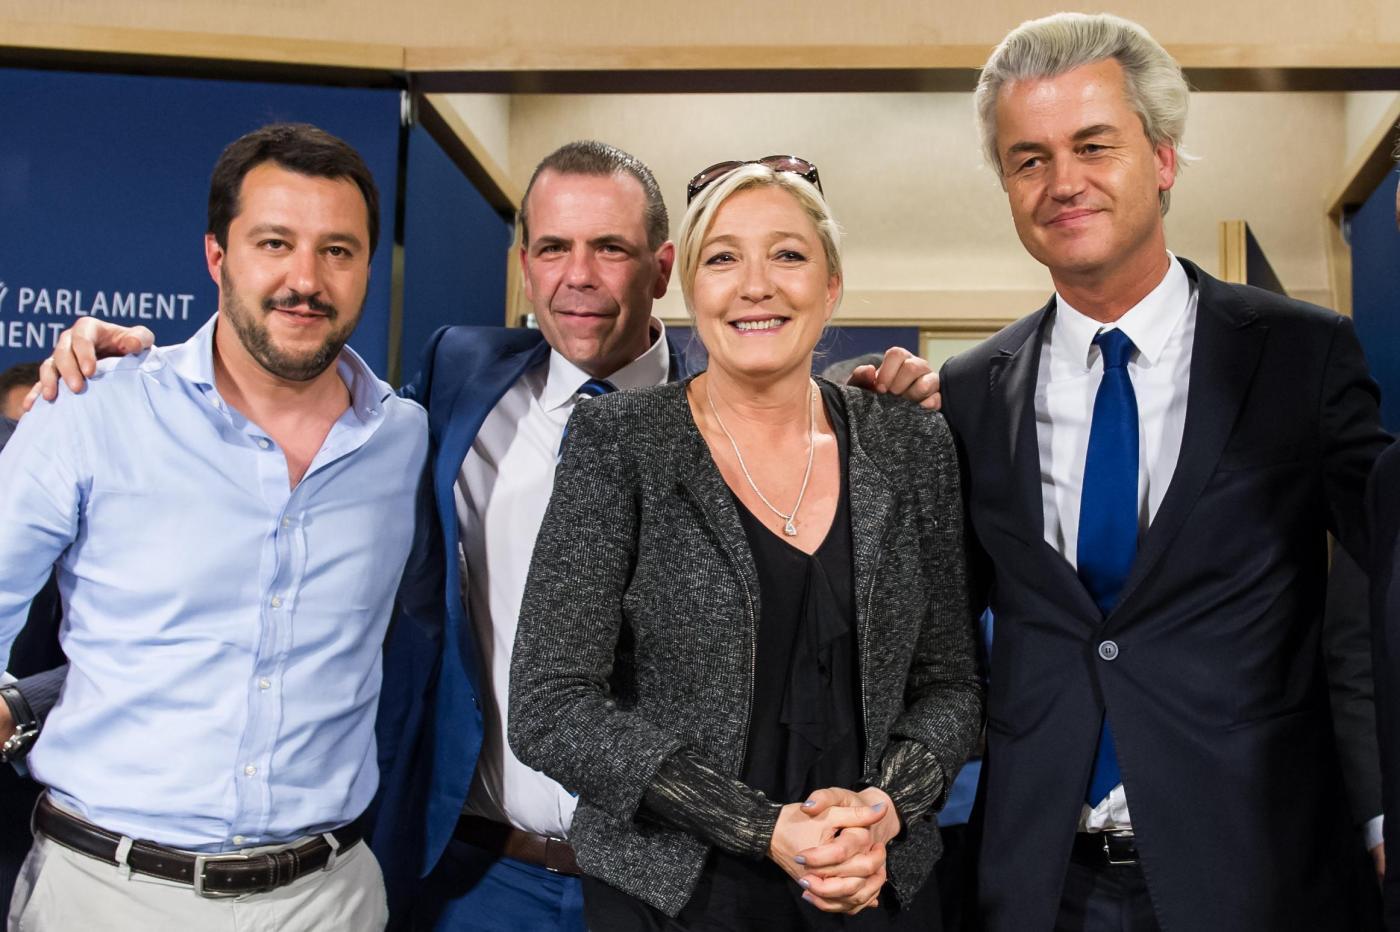 Chiusura per La Padania: il quotidiano della Lega è costato oltre 61 milioni di euro